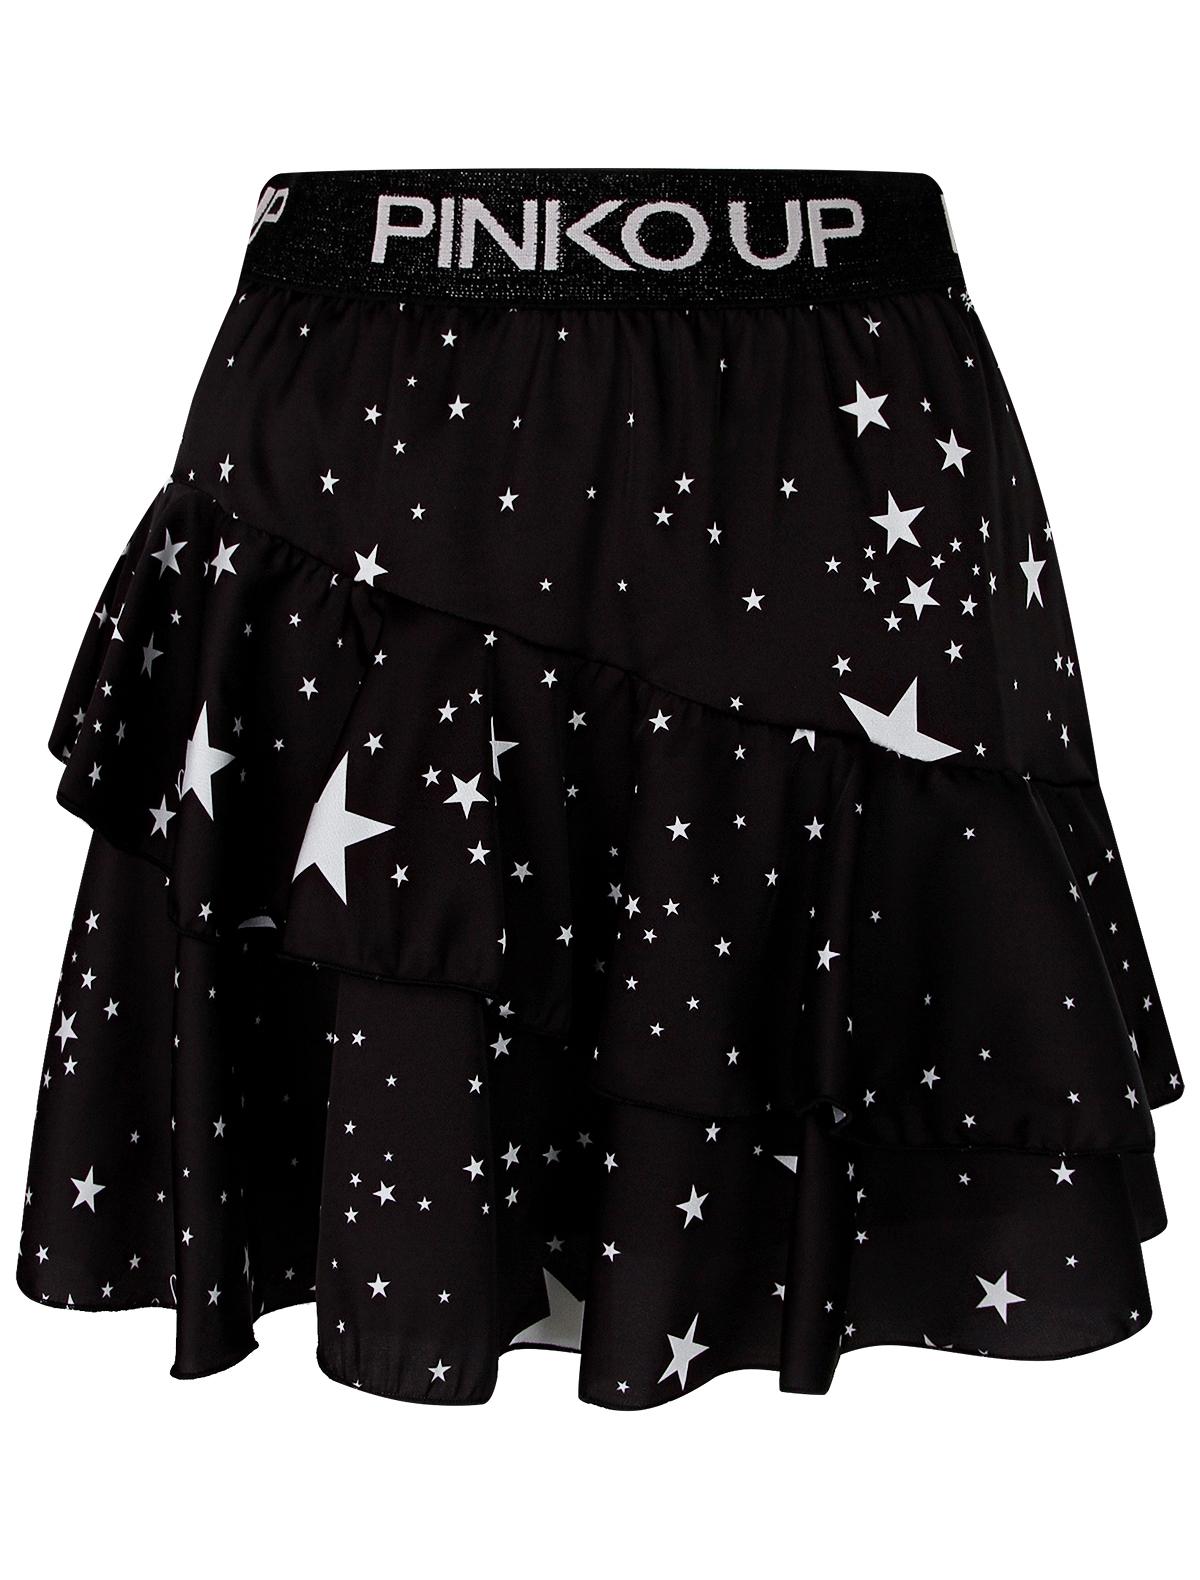 Купить 2303597, Юбка Pinko Up, черный, Женский, 1044509172973